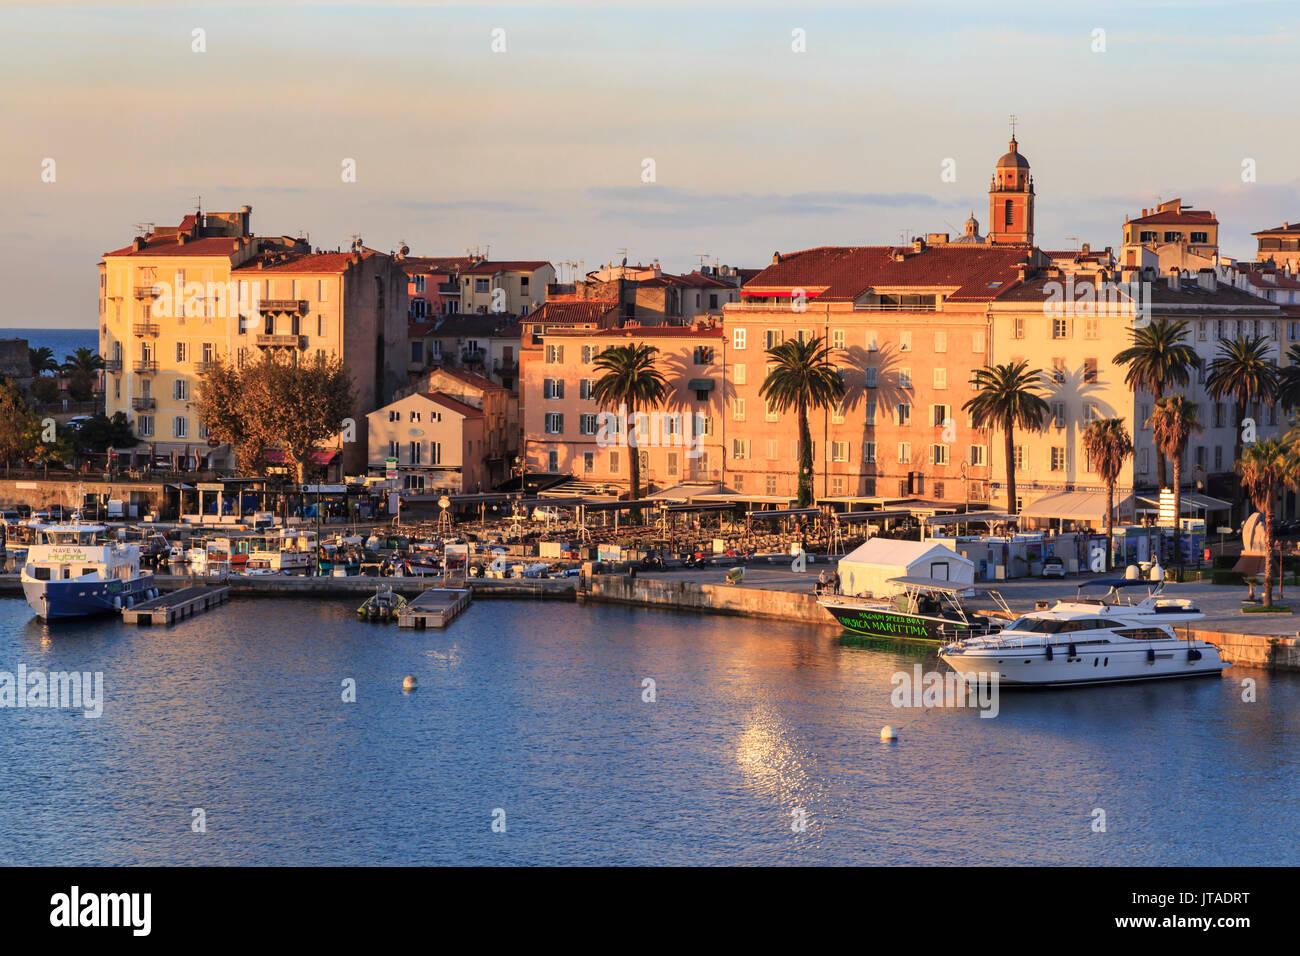 Ajaccio waterfront presso sunrise, dal mare, Isola di Corsica, Mediterraneo, Francia, Mediterraneo, Europa Immagini Stock